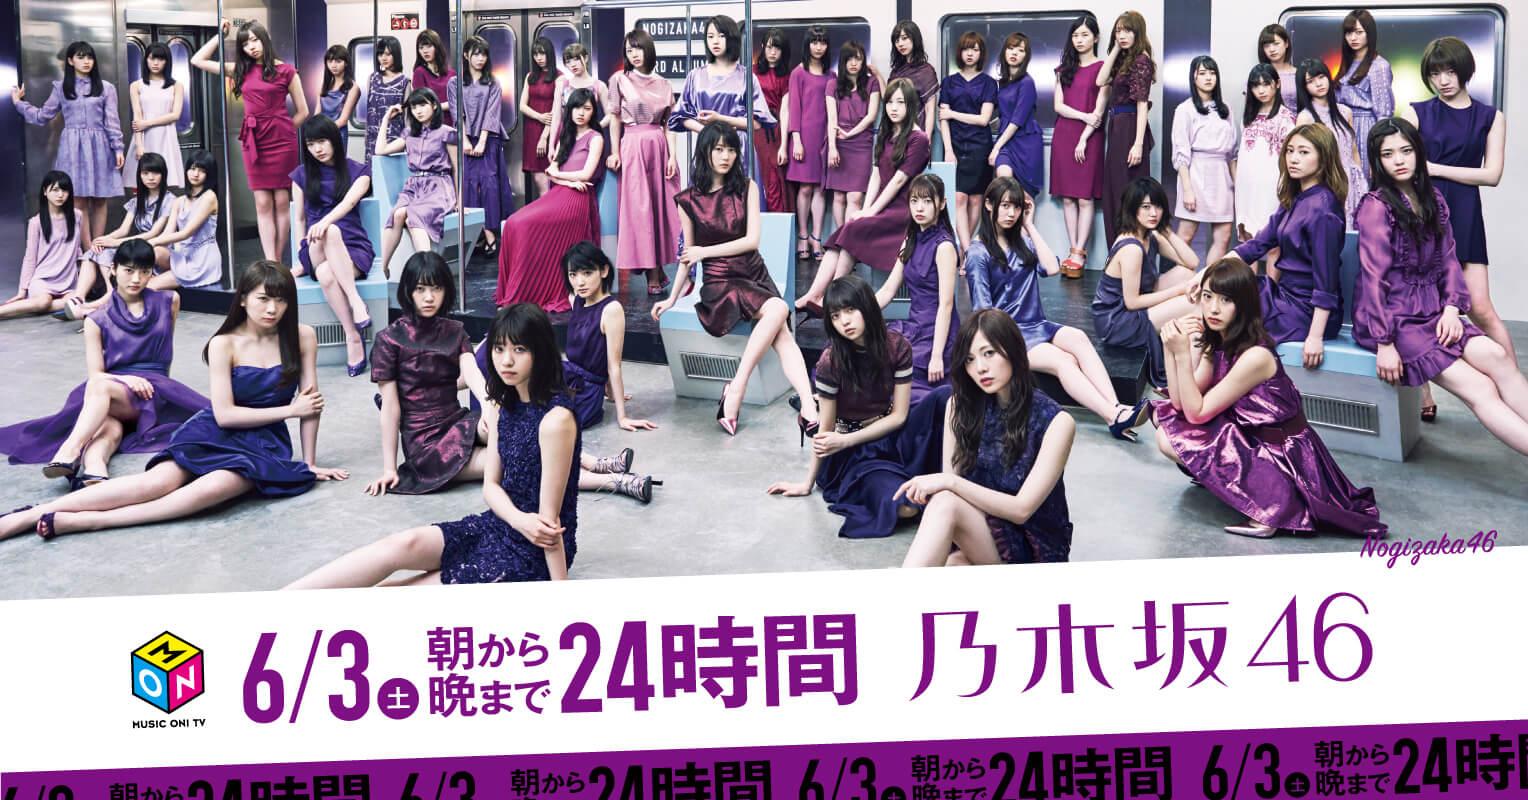 MUSIC ON! TV「朝から晩まで24時間 乃木坂46」